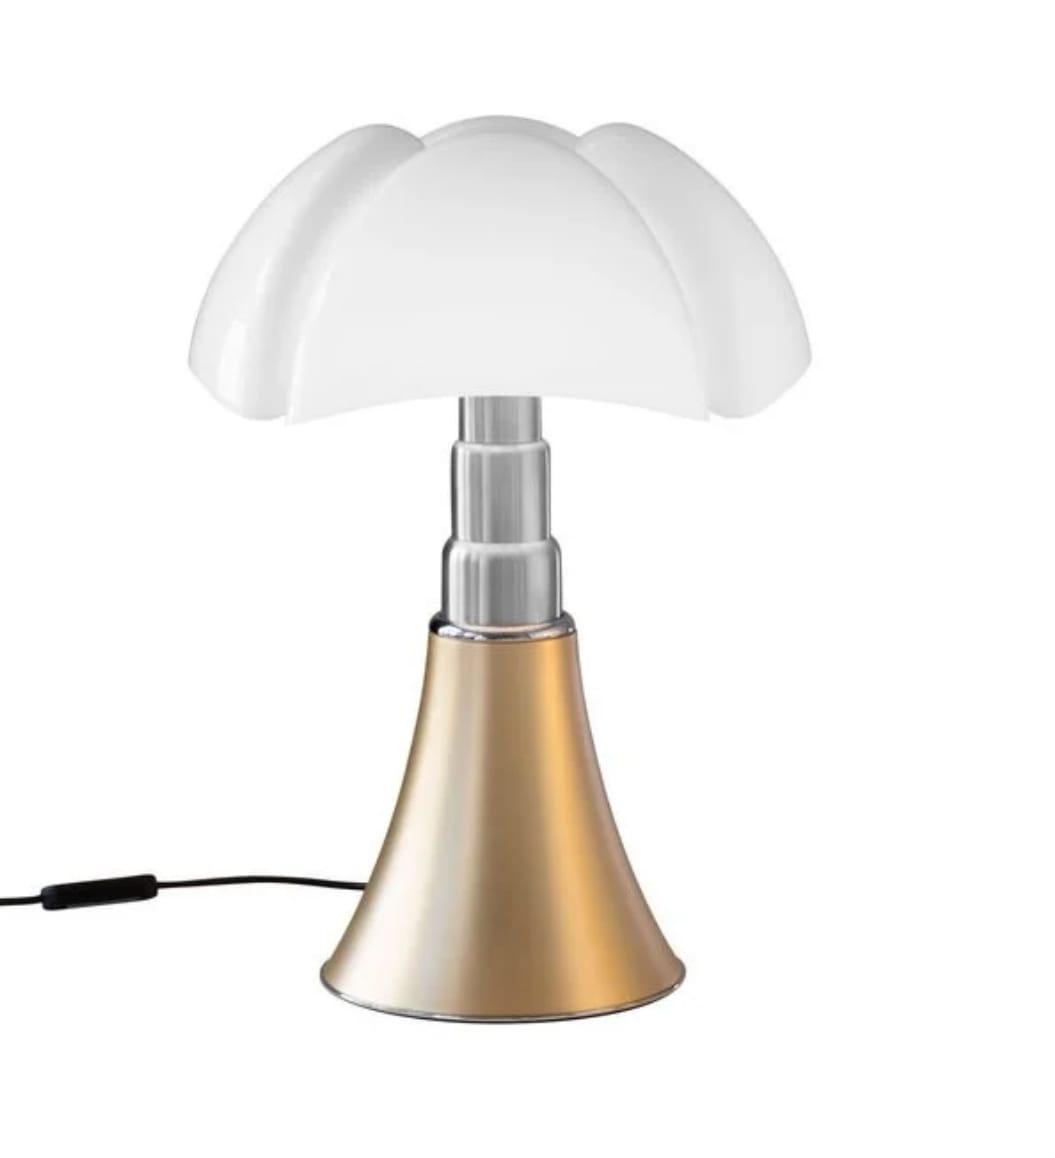 Lampe Dimmer LED pied télescopique or H50-62cm